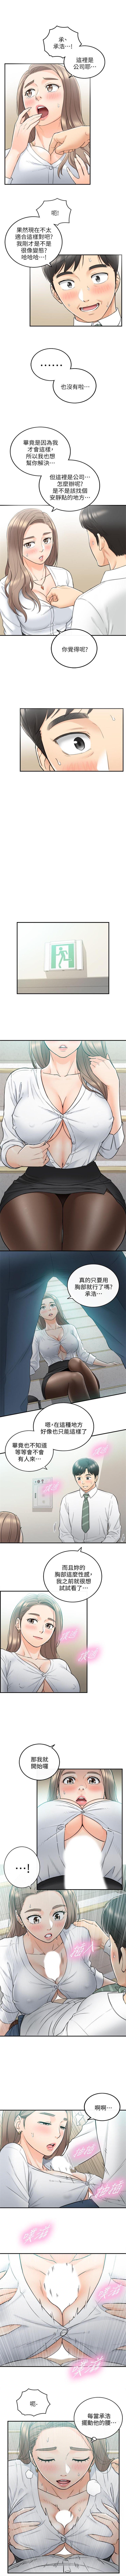 (週5)正妹小主管 1-39 中文翻譯(更新中) 201